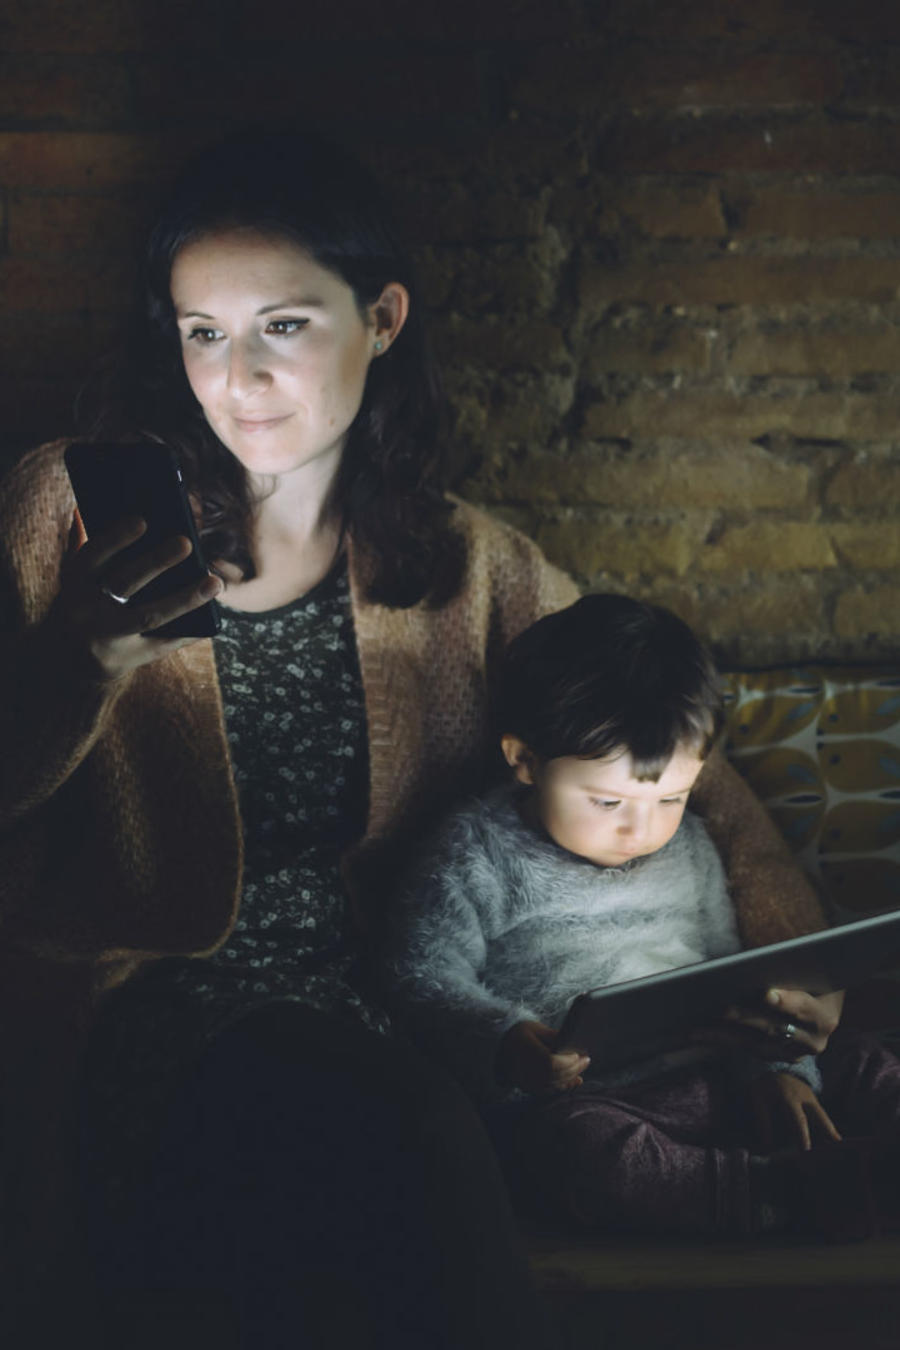 Estudio revela que luz de celular te hace ciego